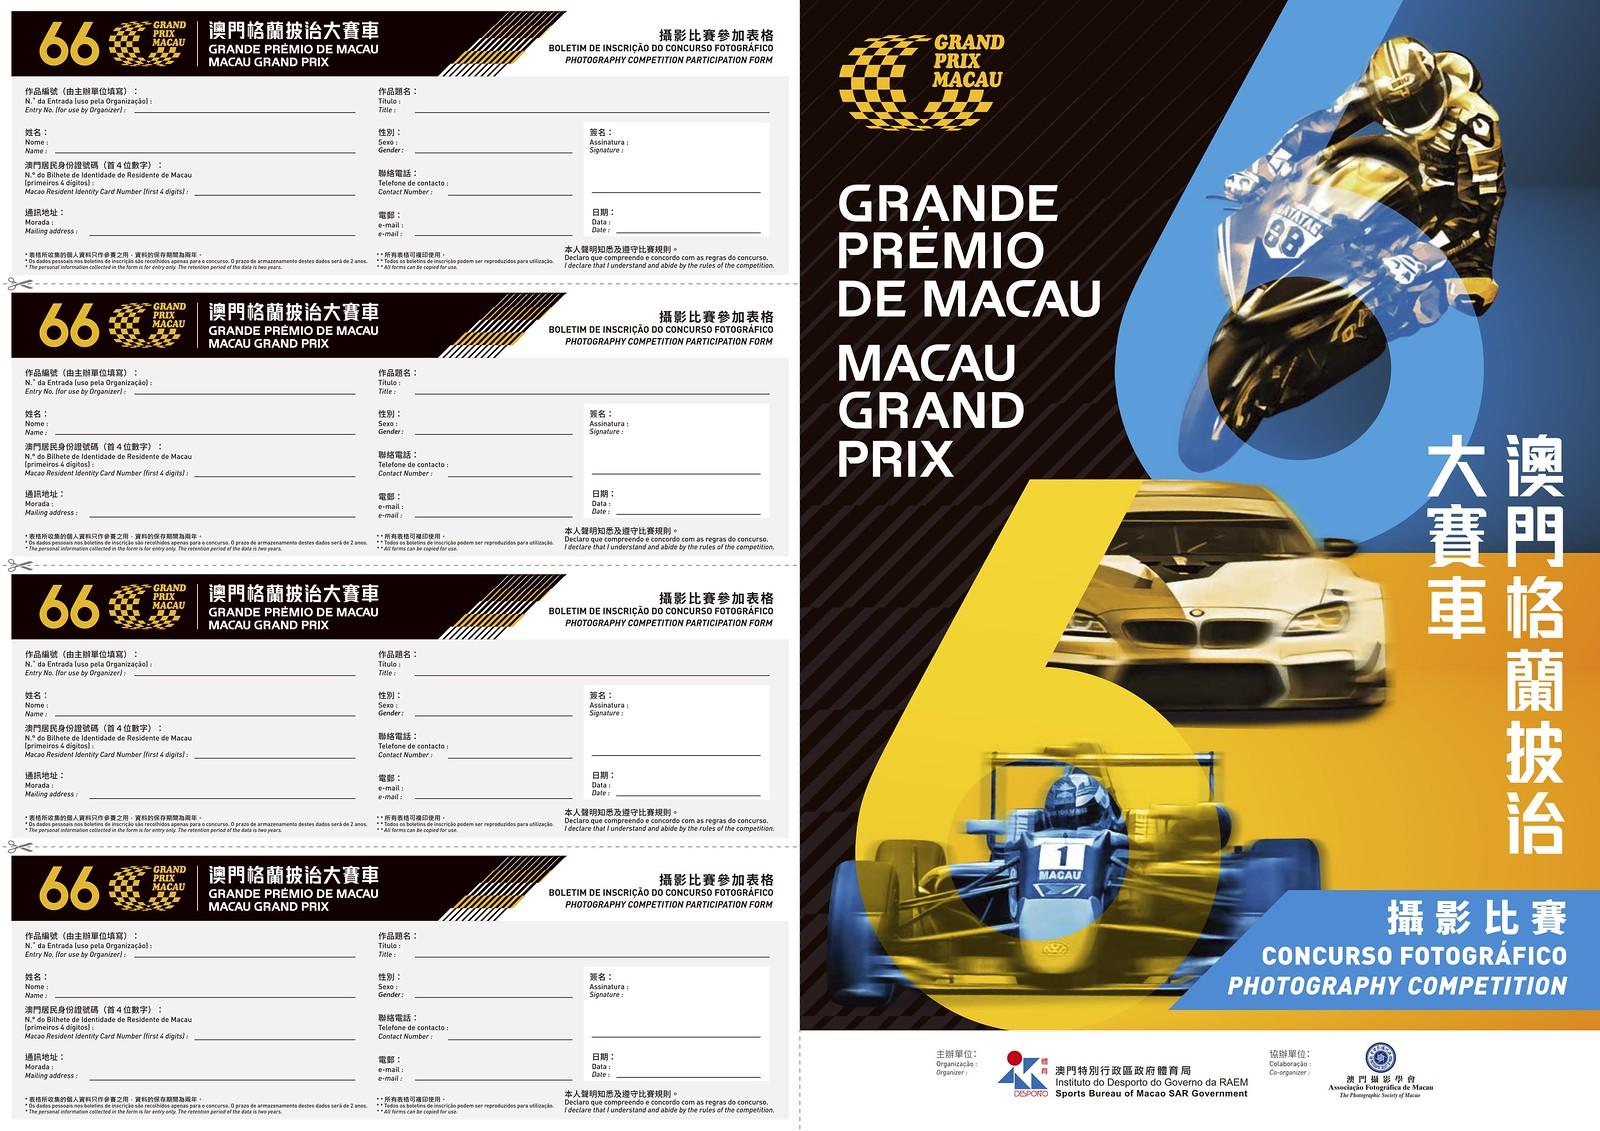 003_澳門格蘭披治大賽車攝影比賽_宣傳單張及報名表_(for web)1